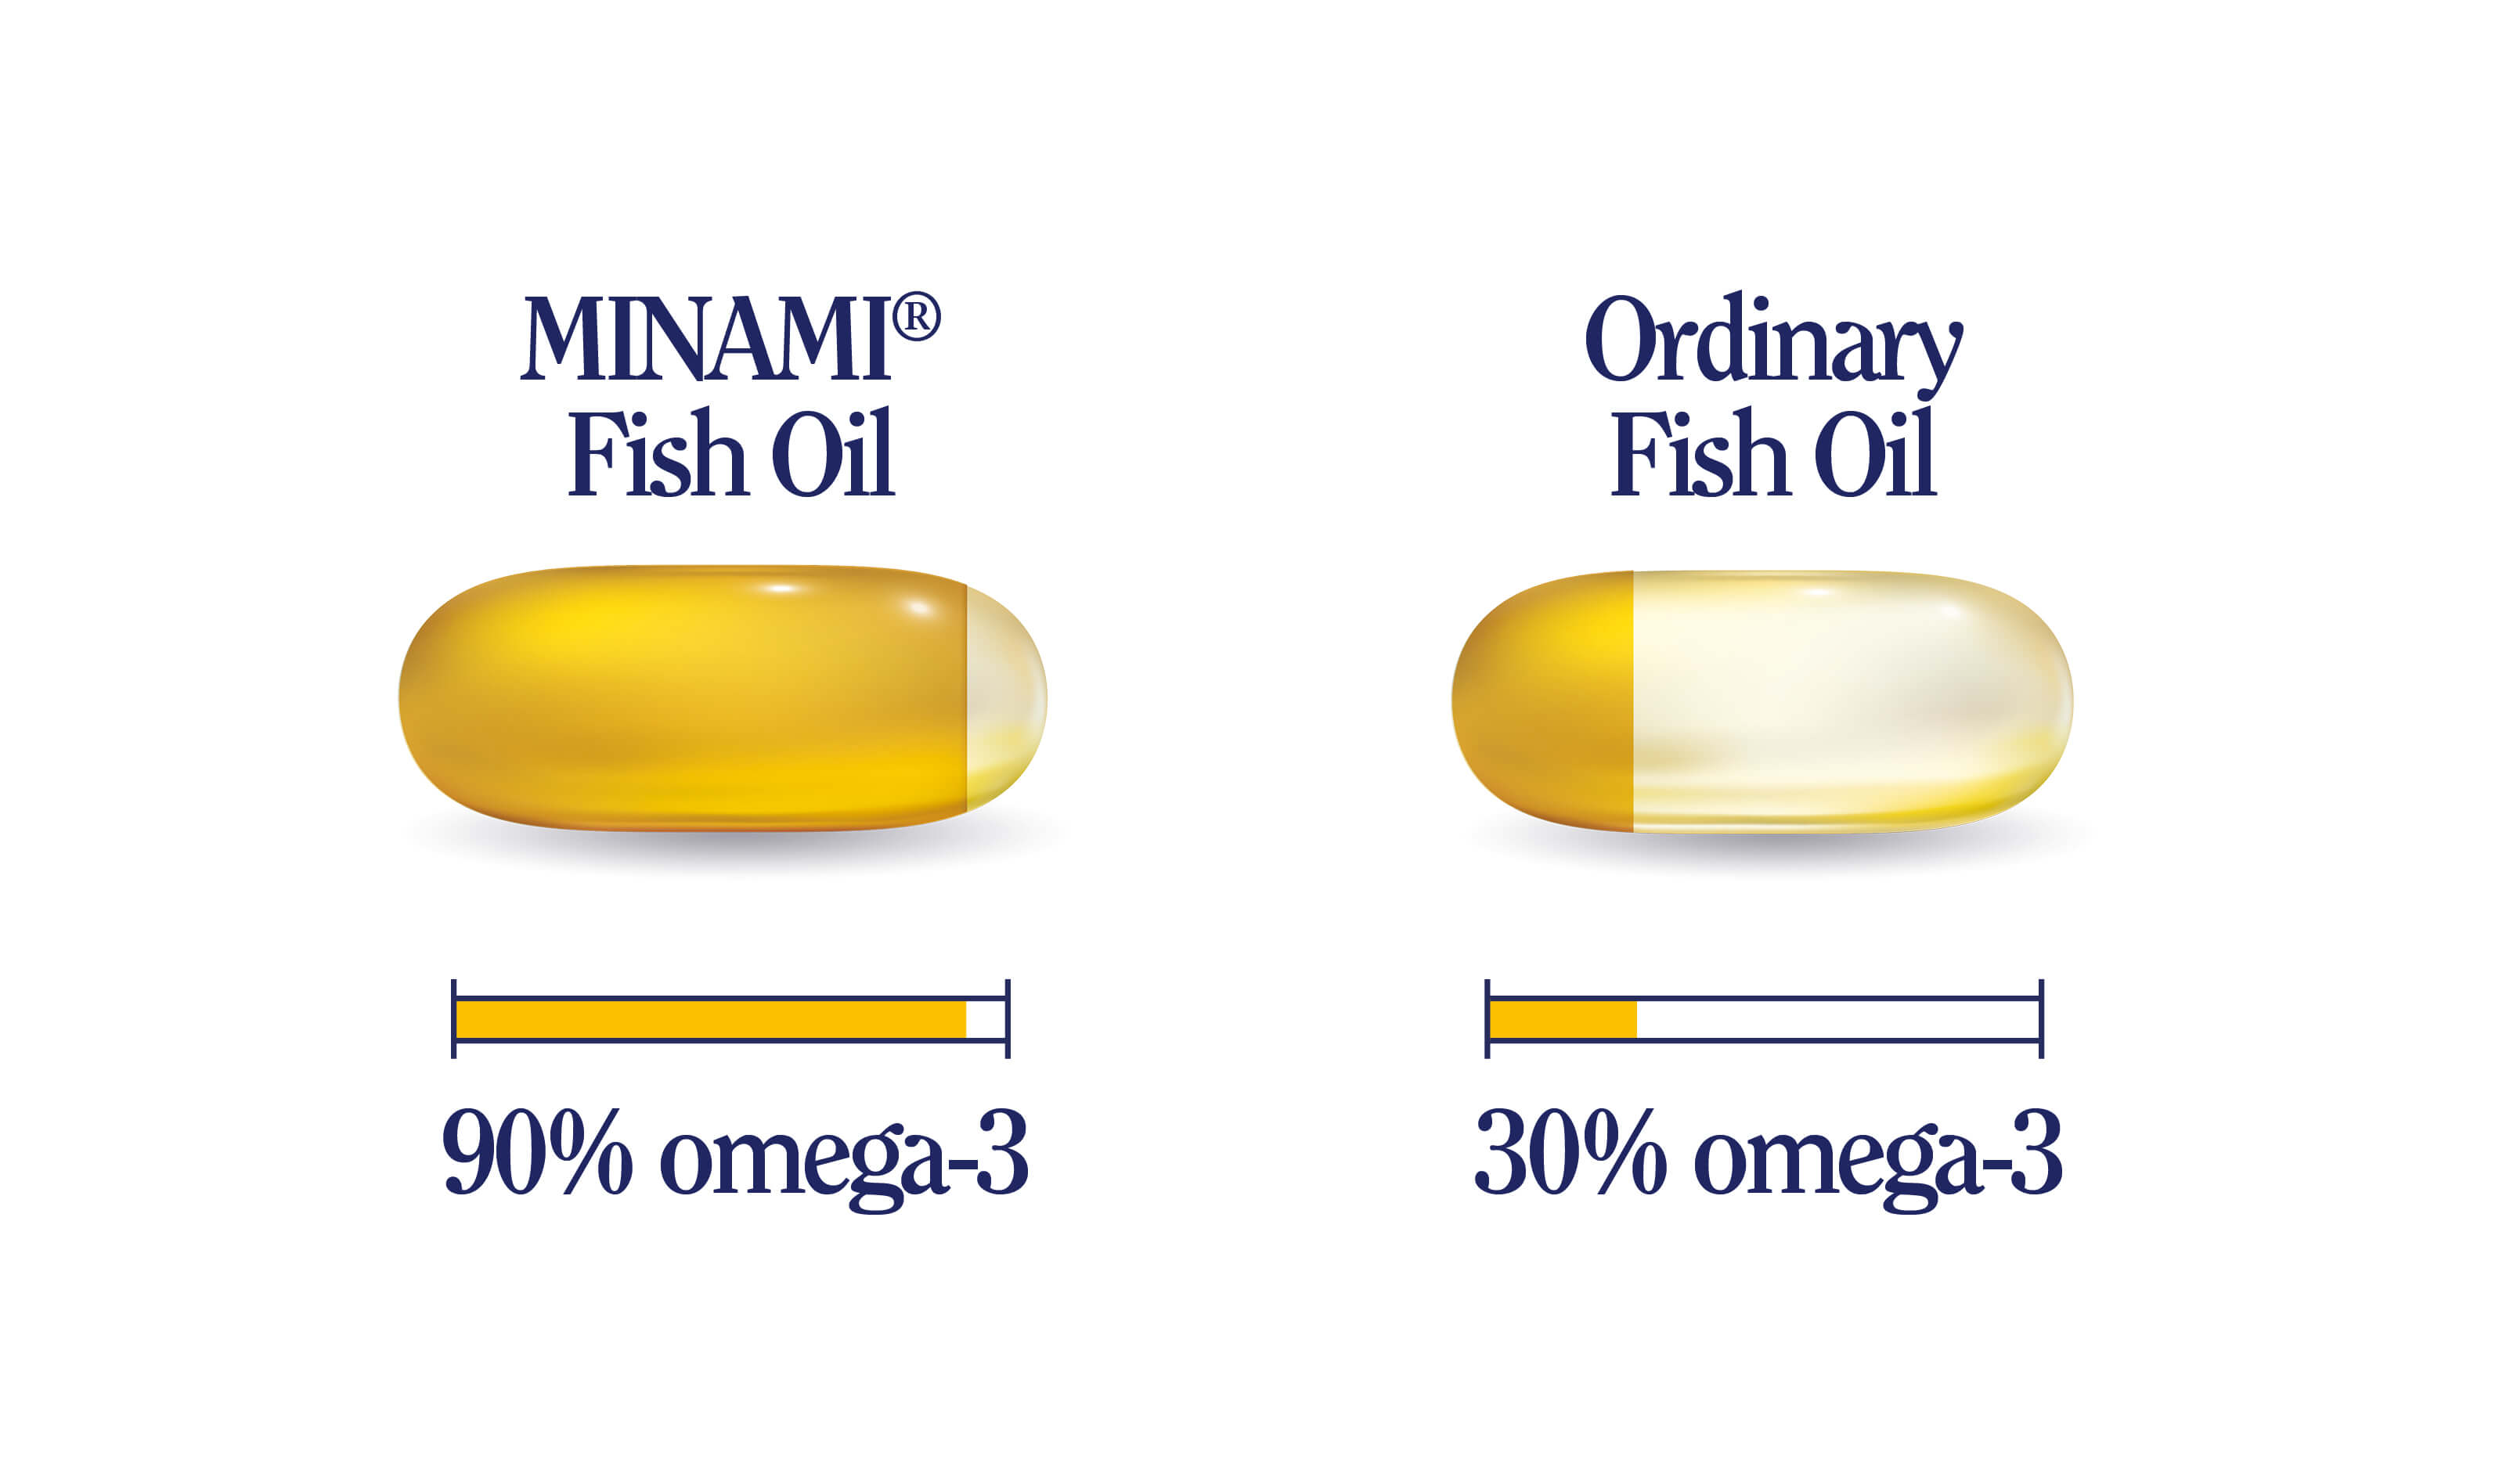 Minami Omega 3 Fish Oil vs Ordinary Fish Oil